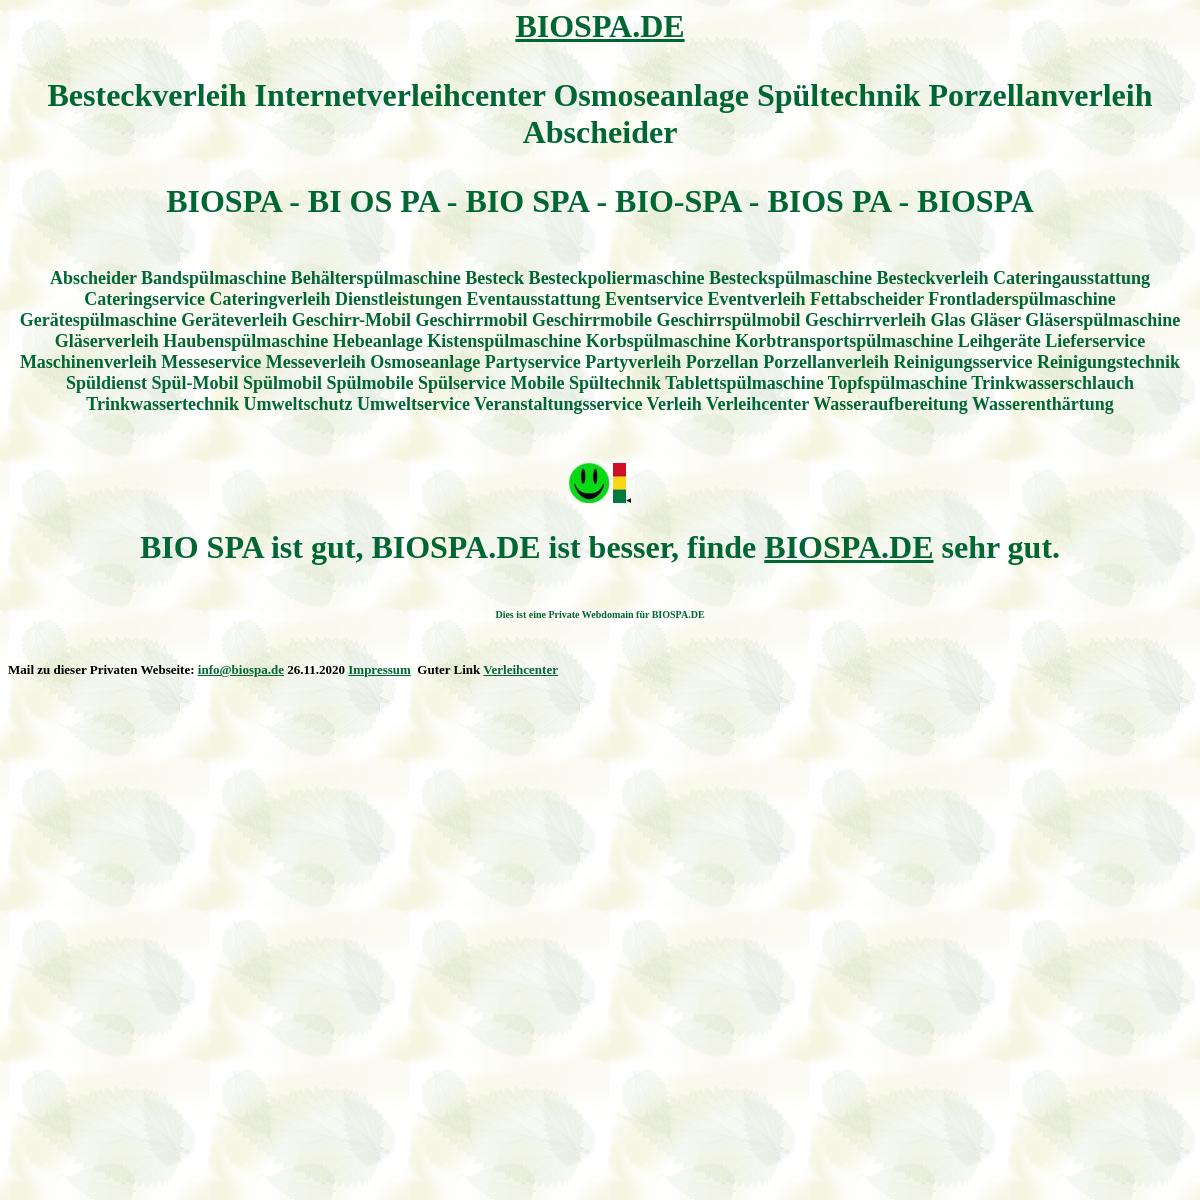 biospa Besteckverleih verleihcenter Osmoseanlage Spültechnik Porzellanverleih Abscheider Spülmobil Verleih Geschirrmobil Miete